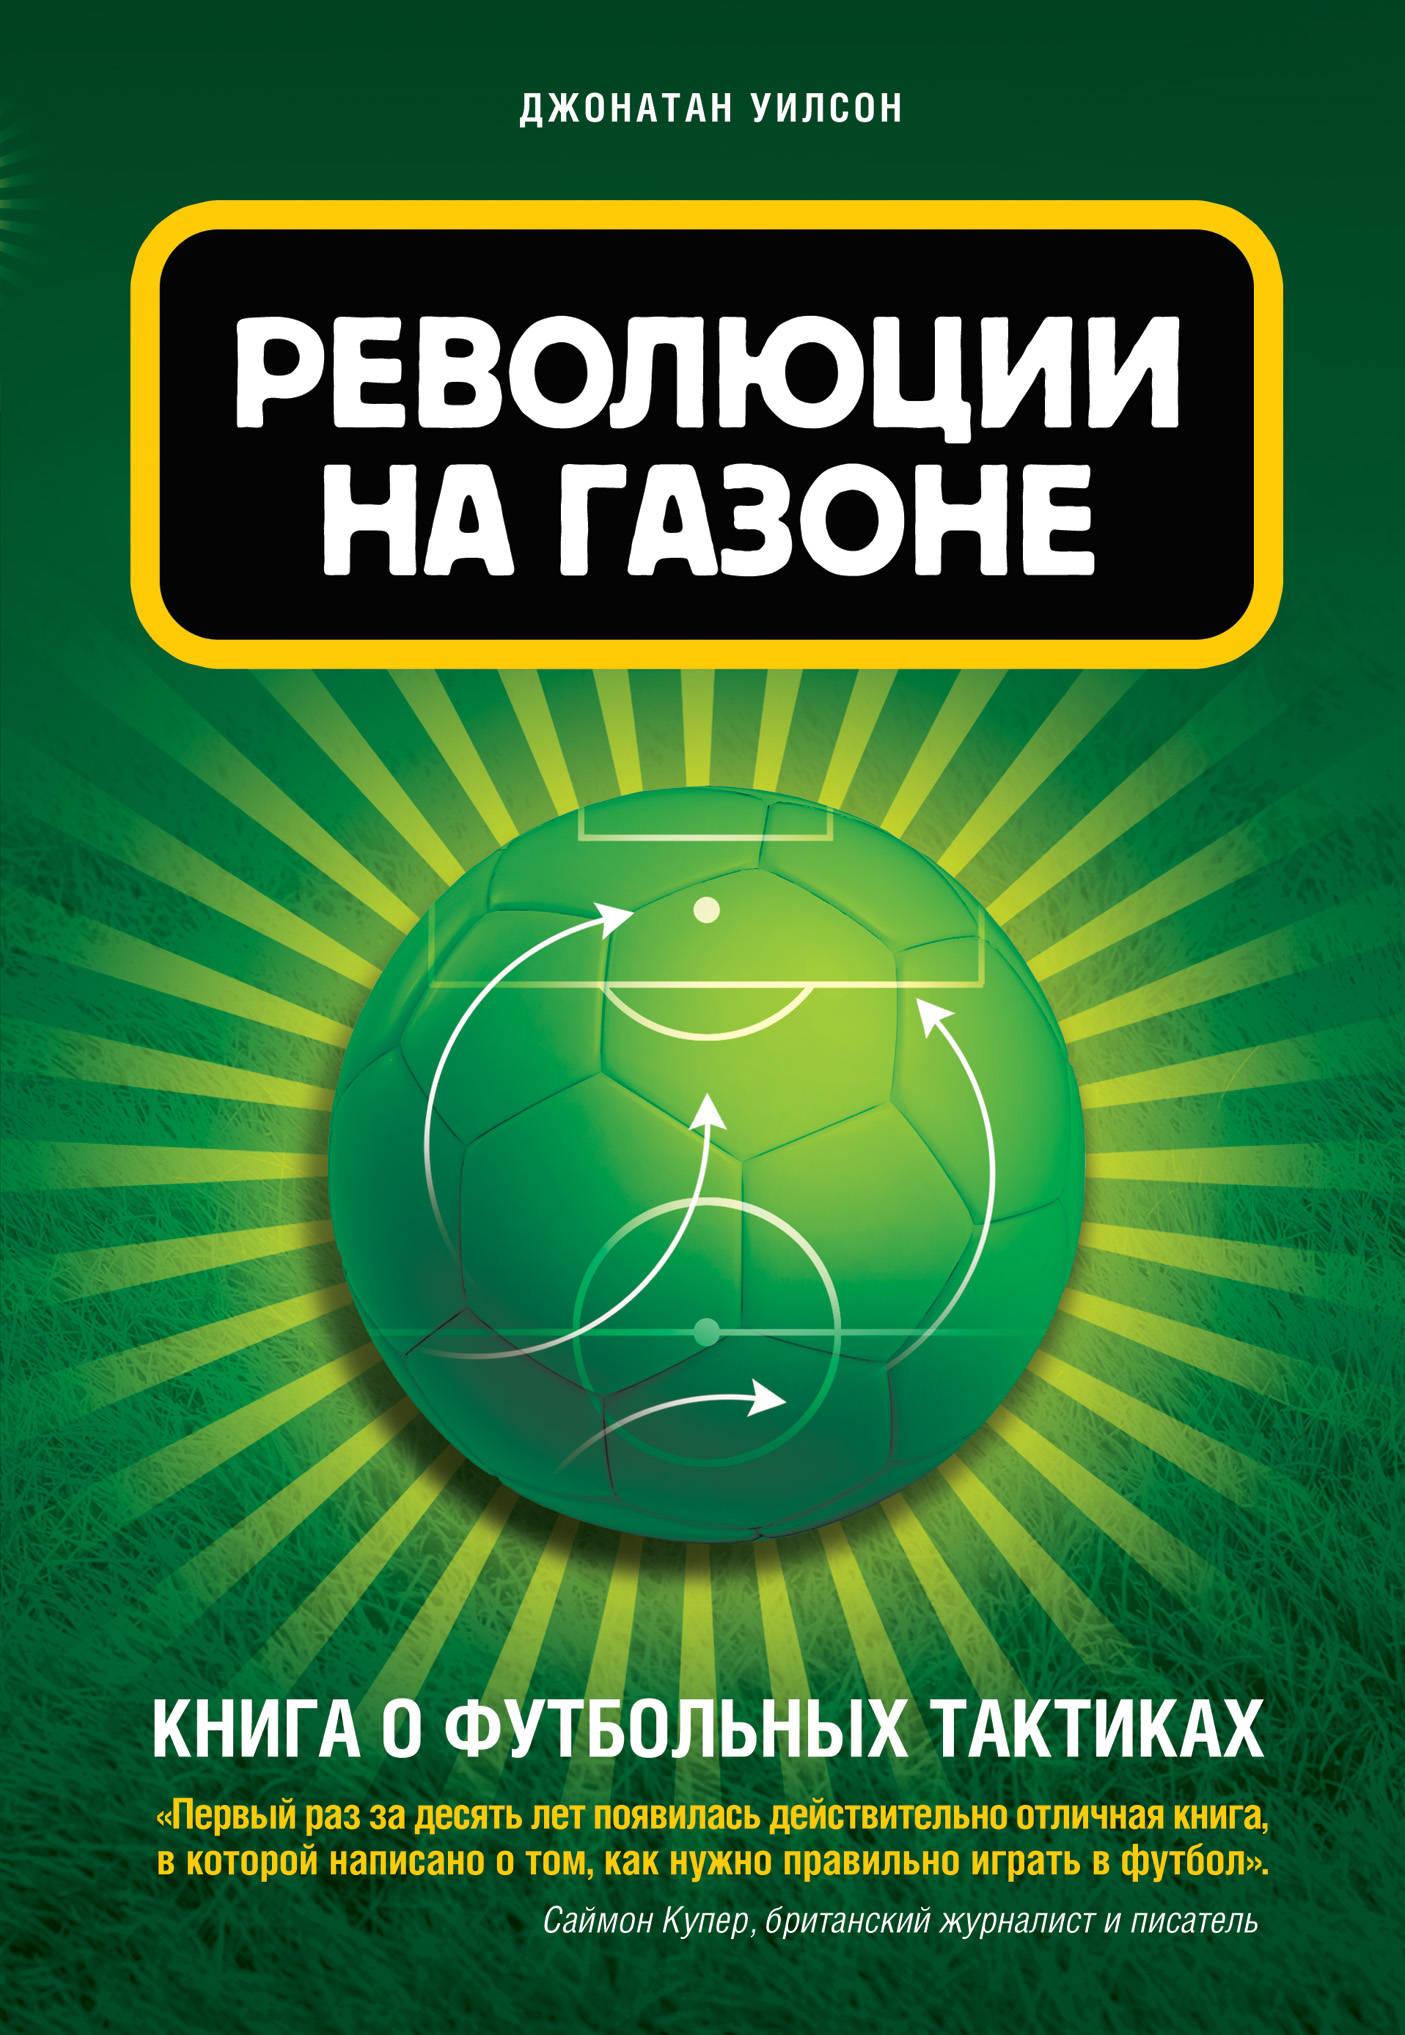 Революции на газоне. Книга о футбольных тактиках. Джонатан Уилсон